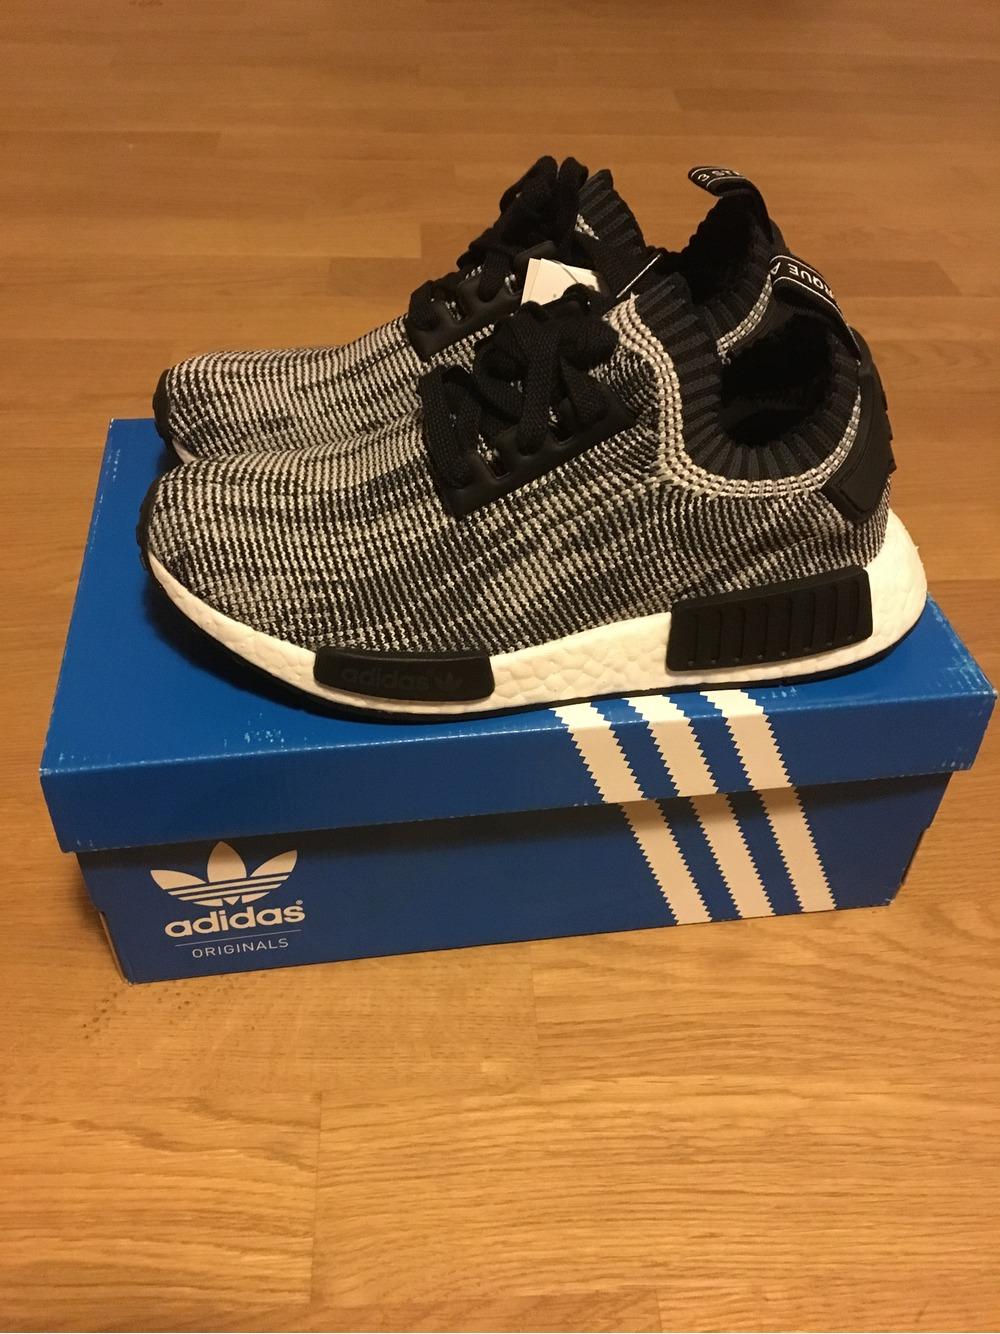 online retailer 3b589 75889 Adidas NMD R1 Oreo adidasnmdwomensuk.co.uk